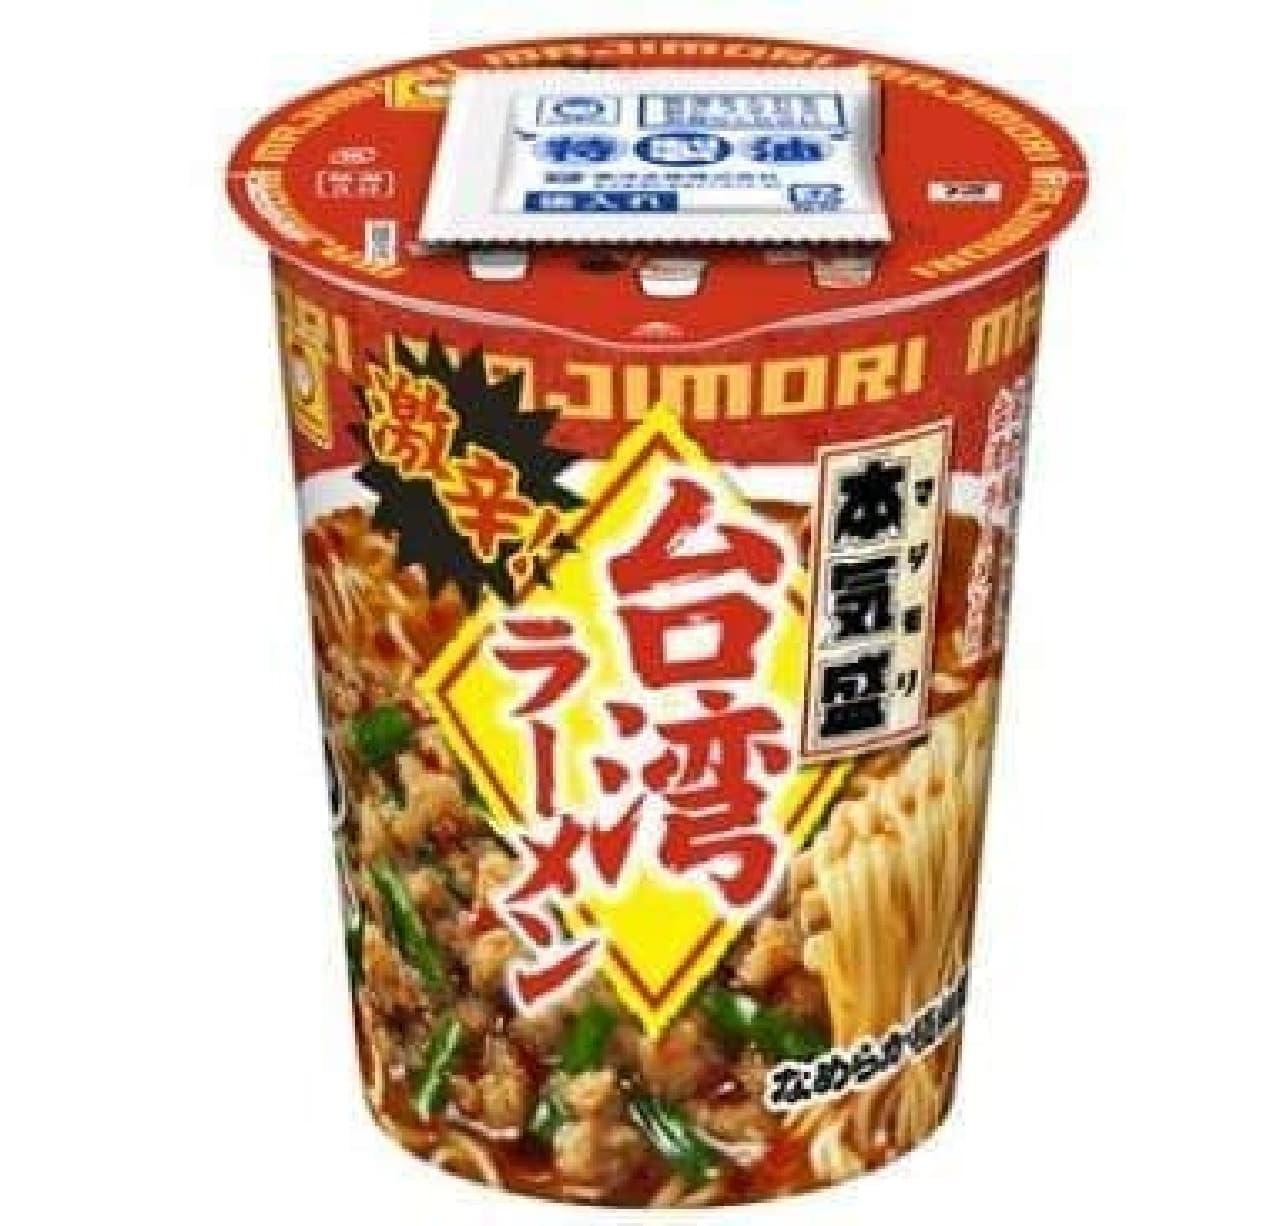 「マルちゃん 本気盛 台湾ラーメン」は、ご当地名物「台湾ラーメン」の味わいを目指したラーメン